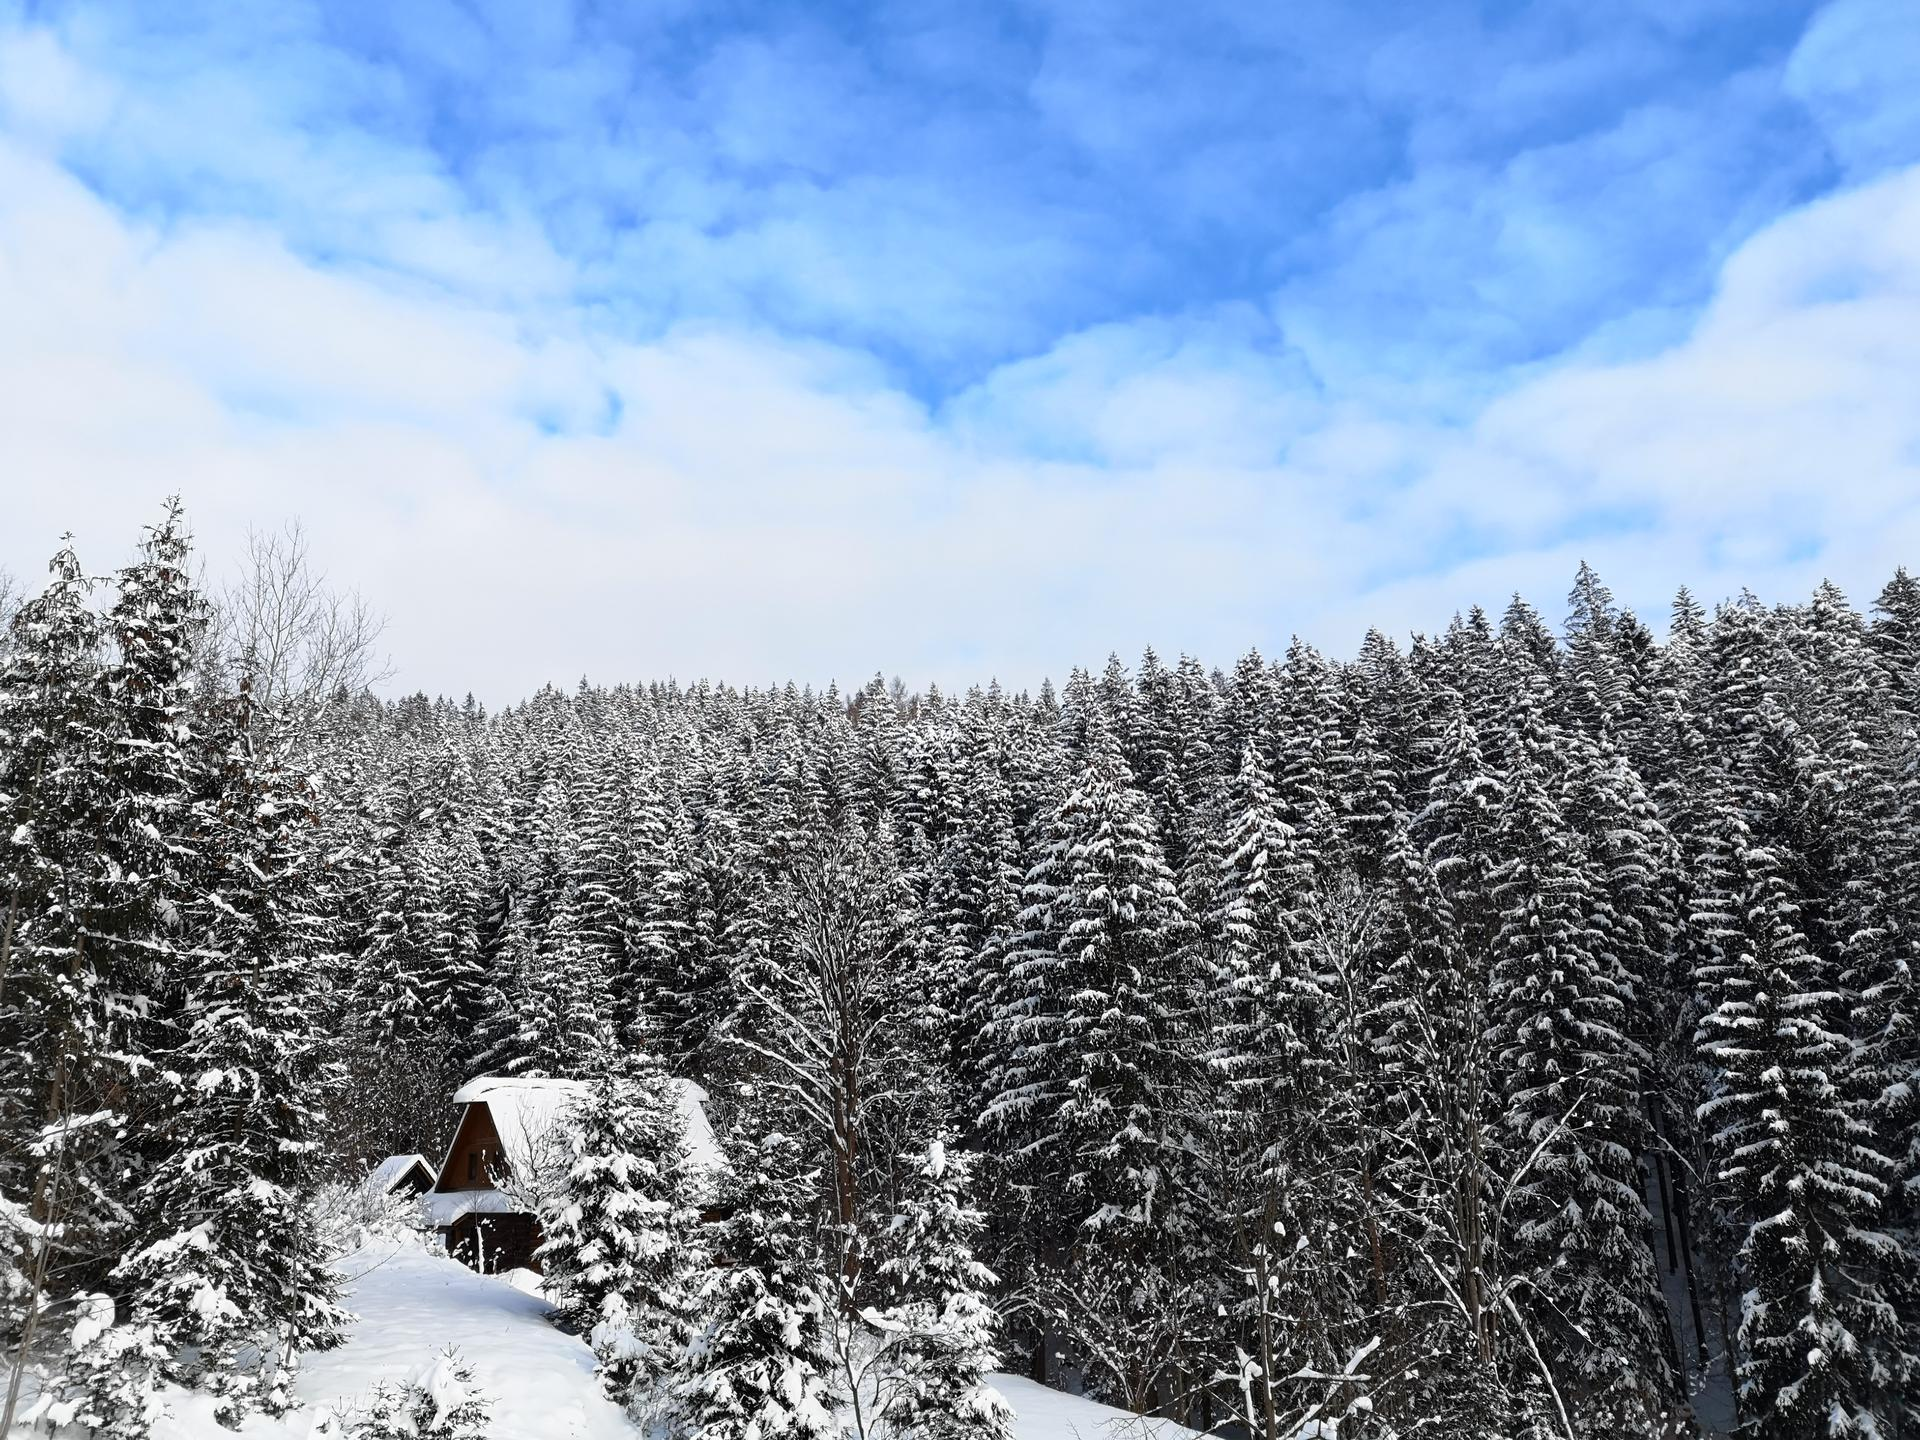 Na samote u lesa - Obrázok č. 181